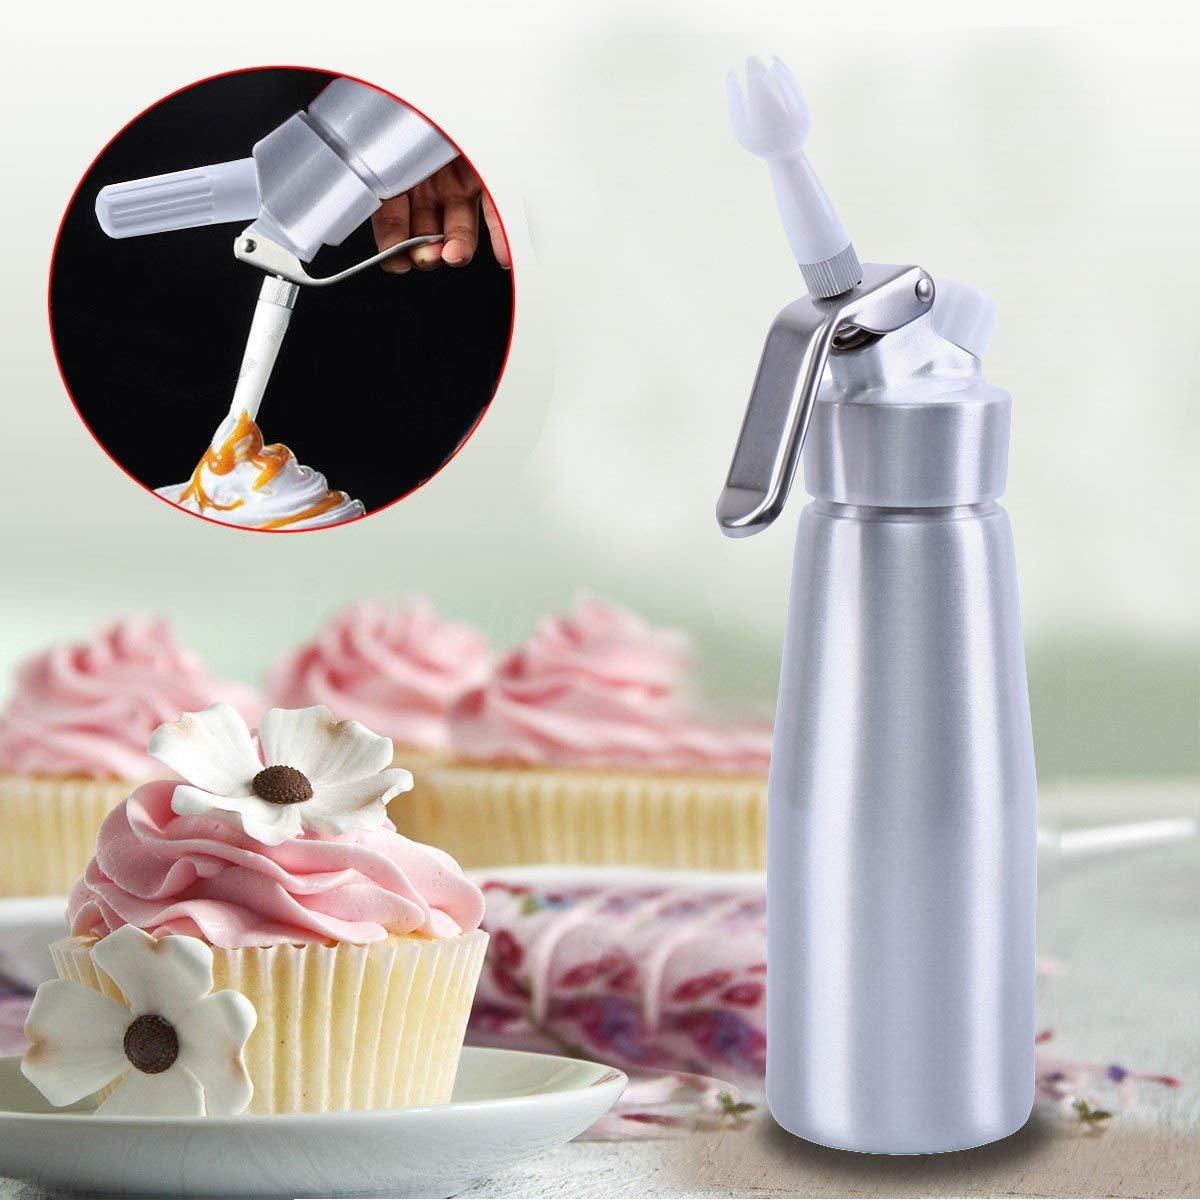 Compra XuanYue Dispensador de Crema Batida 500ml Aluminio Inoxidable Profesional Sifon de Cocina 3 Puntas inyectoras en Amazon.es